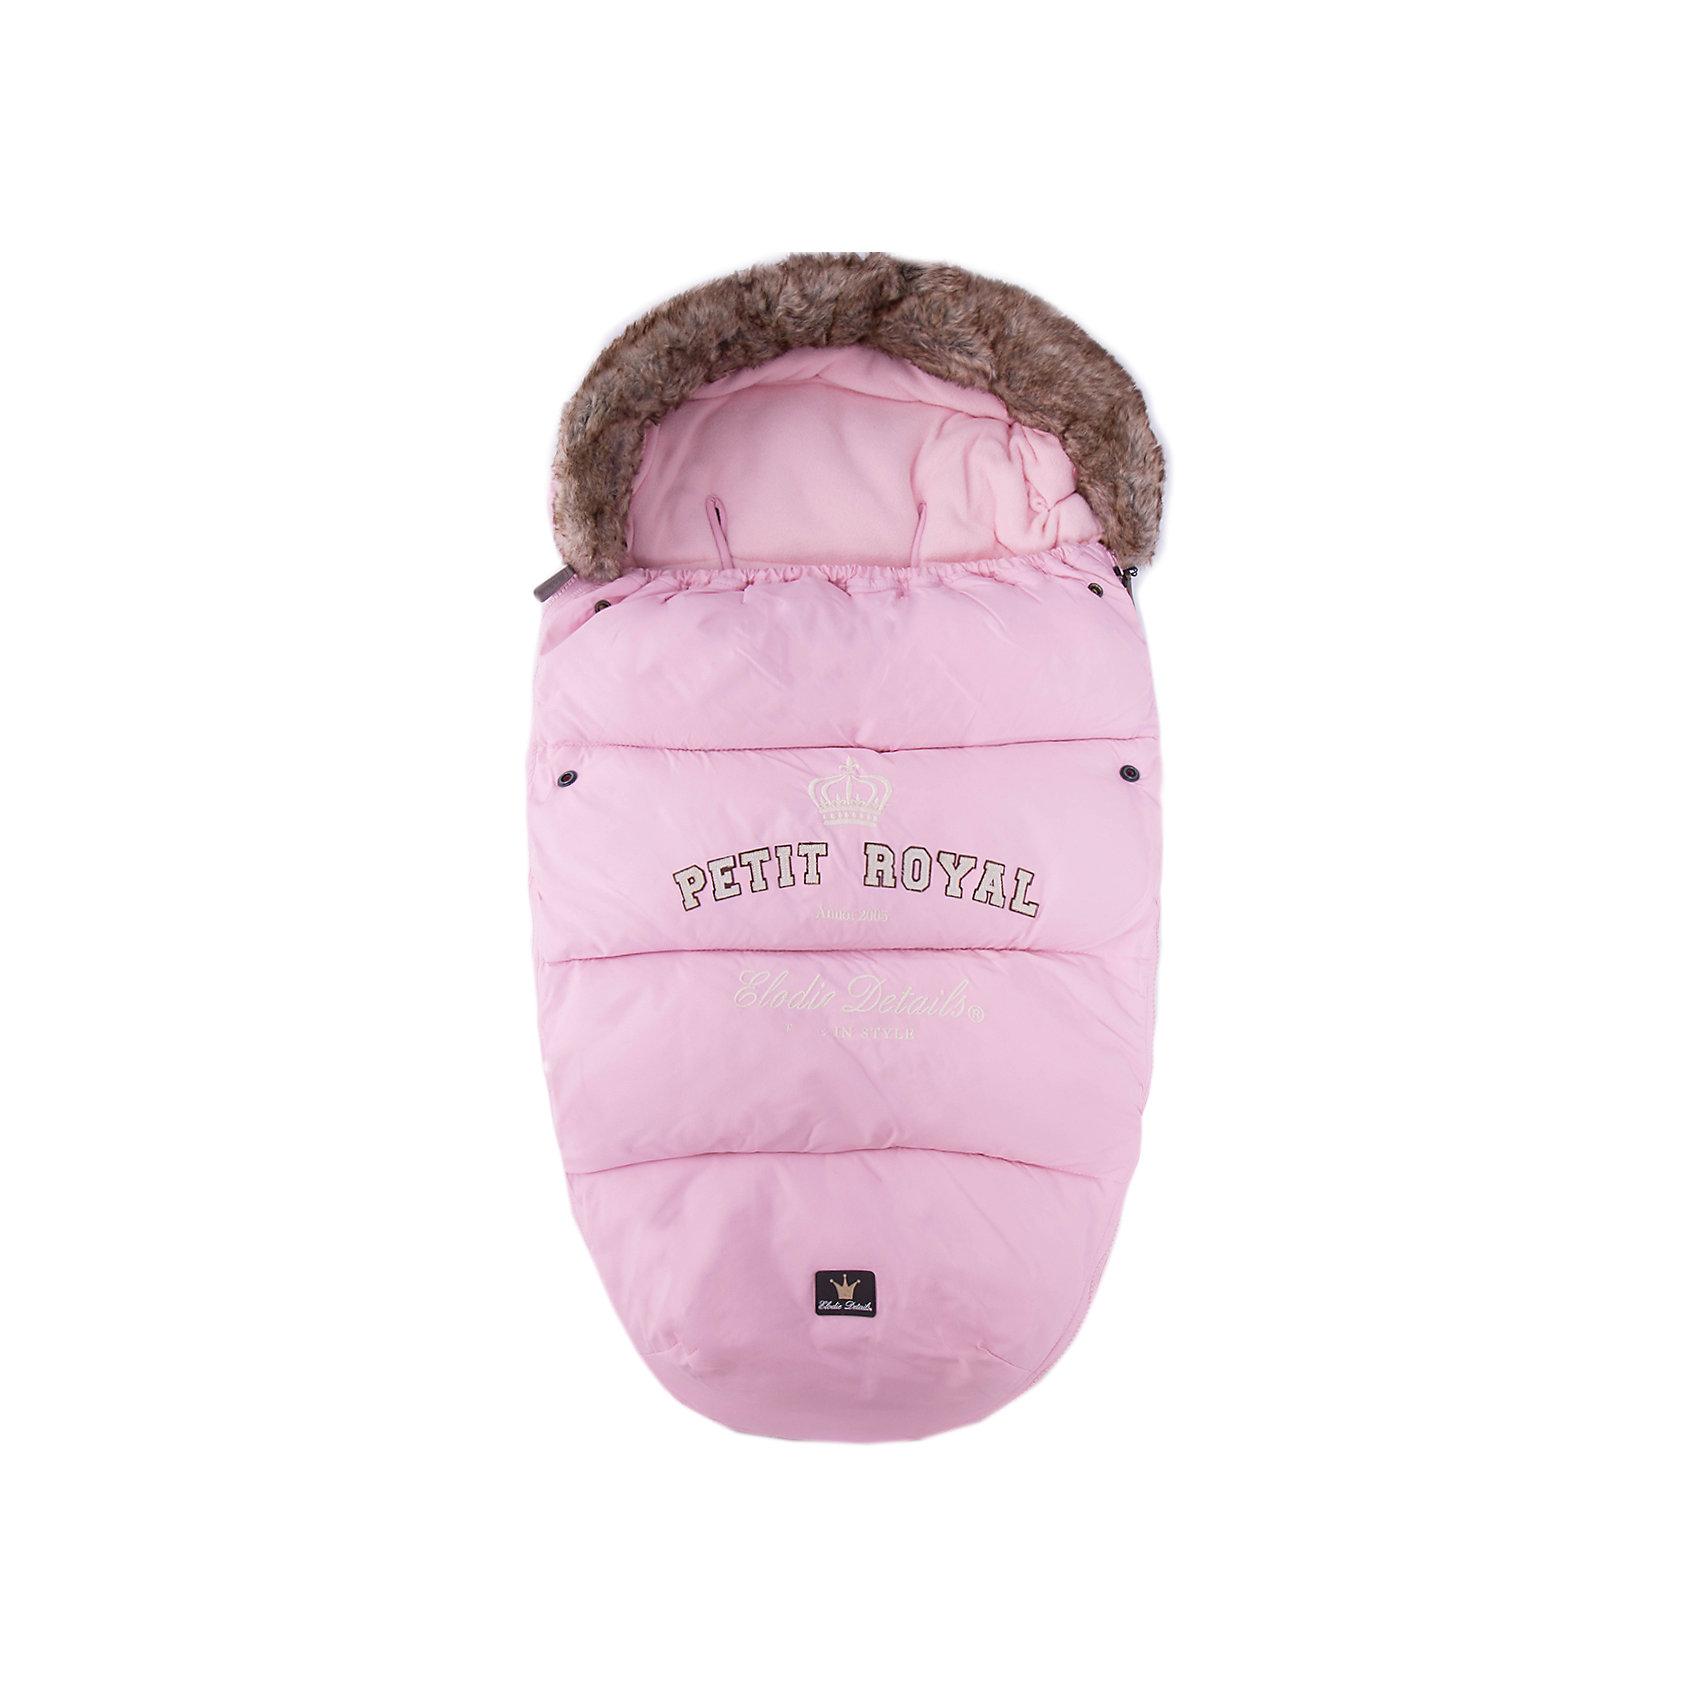 Конверт зимний с опушкой Petit Royal Pink, Elodie DetailsЗимние конверты<br>Конверт зимний с опушкой Petit Royal Pink, Elodie Details (Элоди Дитейлс) <br><br>Характеристики:<br><br>• водо- и ветронепроницаемый материал<br>• теплая флисовая подкладка<br>• верх-капюшон<br>• молния с двух сторон<br>• прорези для 4-точечных ремней безопасности<br>• подходит для всех колясок, в том числе прогулочных<br>• размер: 53х110 см<br>• материал верха: нейлон<br>• материал подкладки: флис<br>• подходит для ручной и автоматической стирки<br>• цвет: розовый<br><br>Каждая прогулка должна проходить с комфортом для малыша. Зимний конверт Petit Royal защитит кроху от мороза и холодного ветра. Верх конверта изготовлен из нейлона, который не пропустит воду и ветер внутрь. Подкладка из мягкого флиса согреет малыша и сохранит тепло в течение всей прогулки. Верх конверта можно использовать в качестве капюшона, защищающего от холодного и сильного ветра. Конверт имеет удобную форму и не стесняет движений ребенка. Кроме того, конверт отлично подходит для всех колясок, в том числе и прогулочных. Подарите малышу уют и тепло во время зимних прогулок!<br><br>Конверт зимний с опушкой Petit Royal Pink, Elodie Details (Элоди Дитейлс) вы можете купить в нашем интернет-магазине.<br><br>Ширина мм: 1100<br>Глубина мм: 530<br>Высота мм: 60<br>Вес г: 900<br>Возраст от месяцев: 0<br>Возраст до месяцев: 12<br>Пол: Женский<br>Возраст: Детский<br>SKU: 3783523